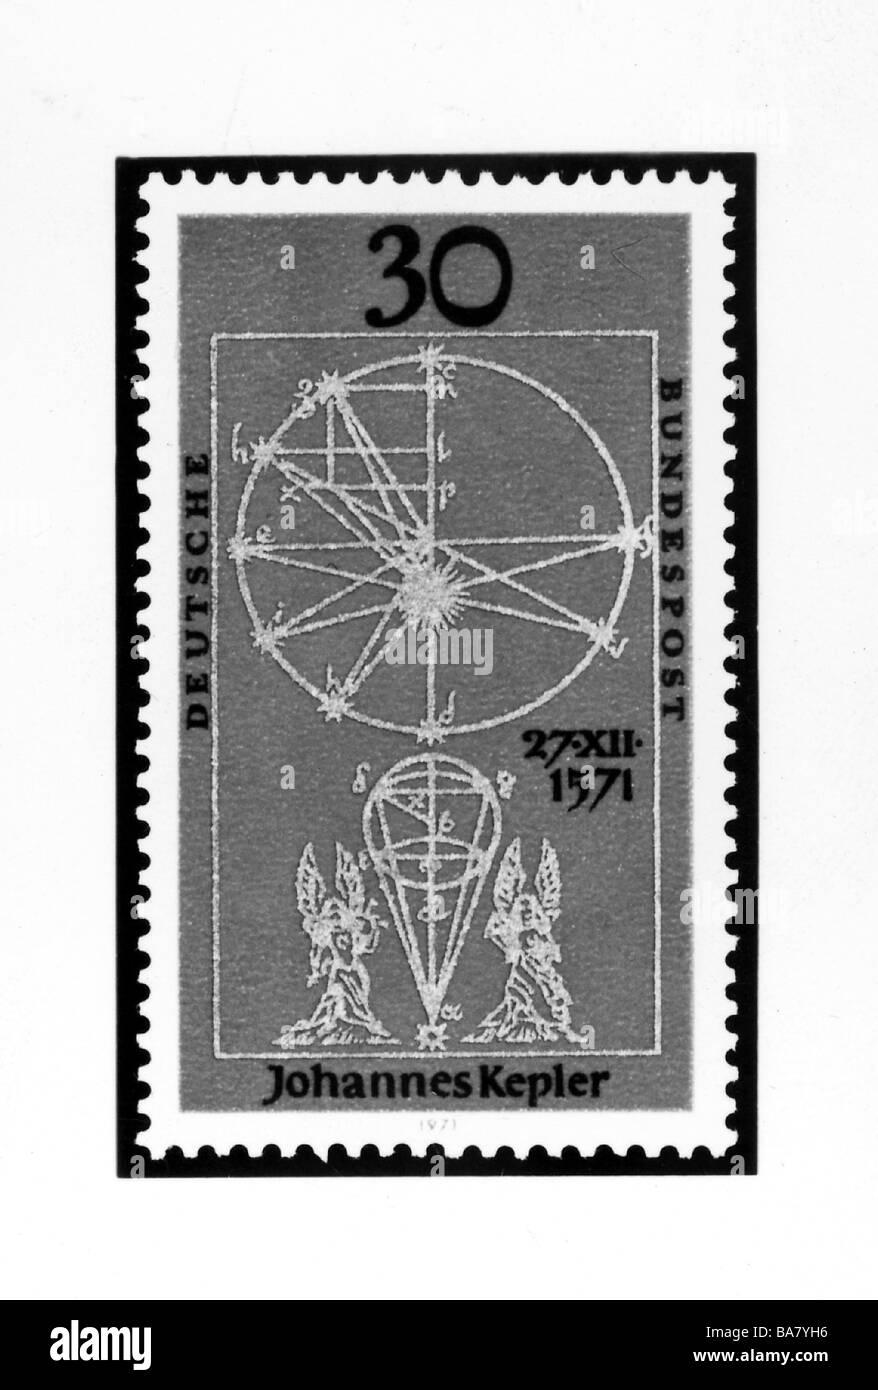 Kepler, Johannes, 27.12.1571 - 15.11.1630, Deutscher Astronom, 30 Pfennig Stempel mit Illustrationen aus seinem Stockbild